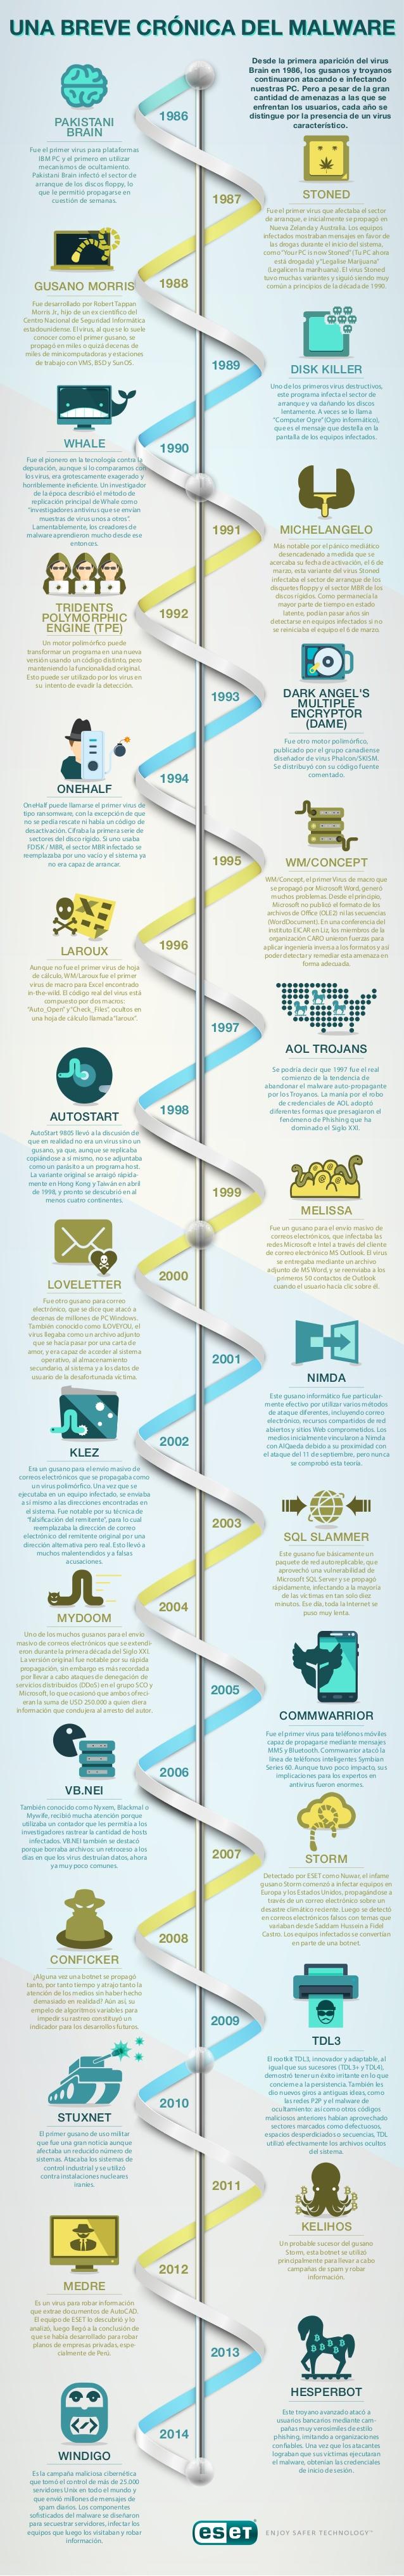 Historia del malware